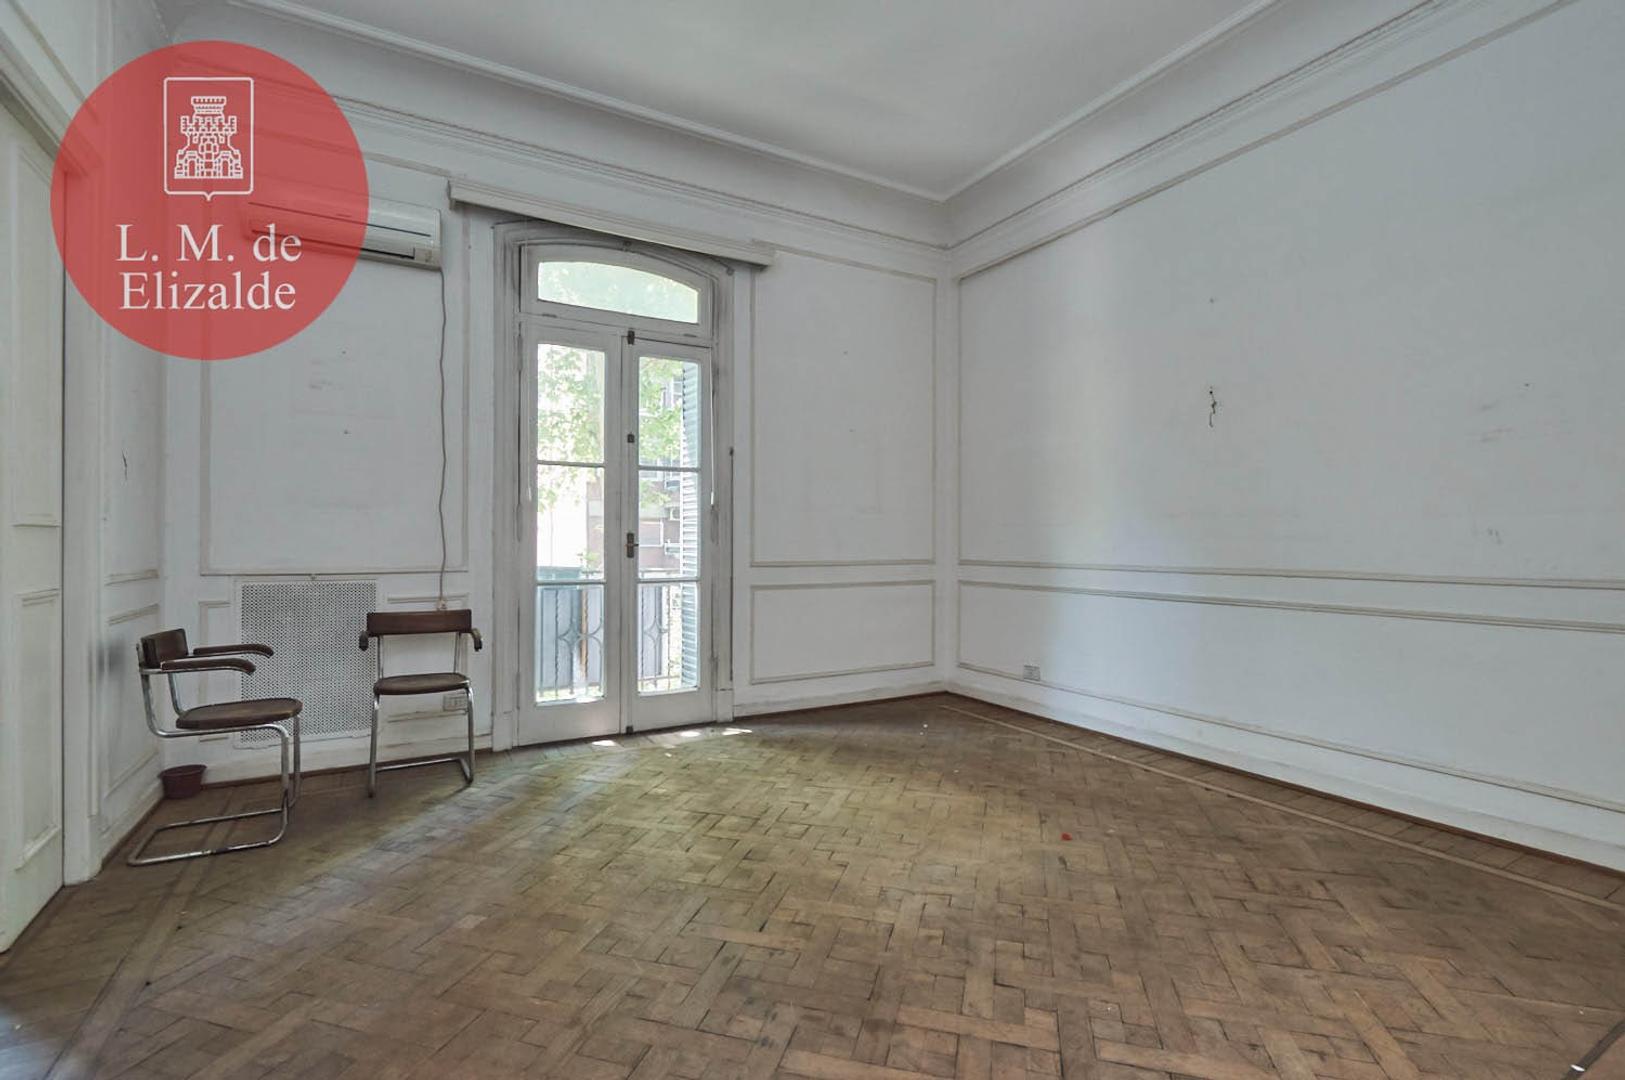 Departamento - 196 m² | 4 dormitorios | 90 años